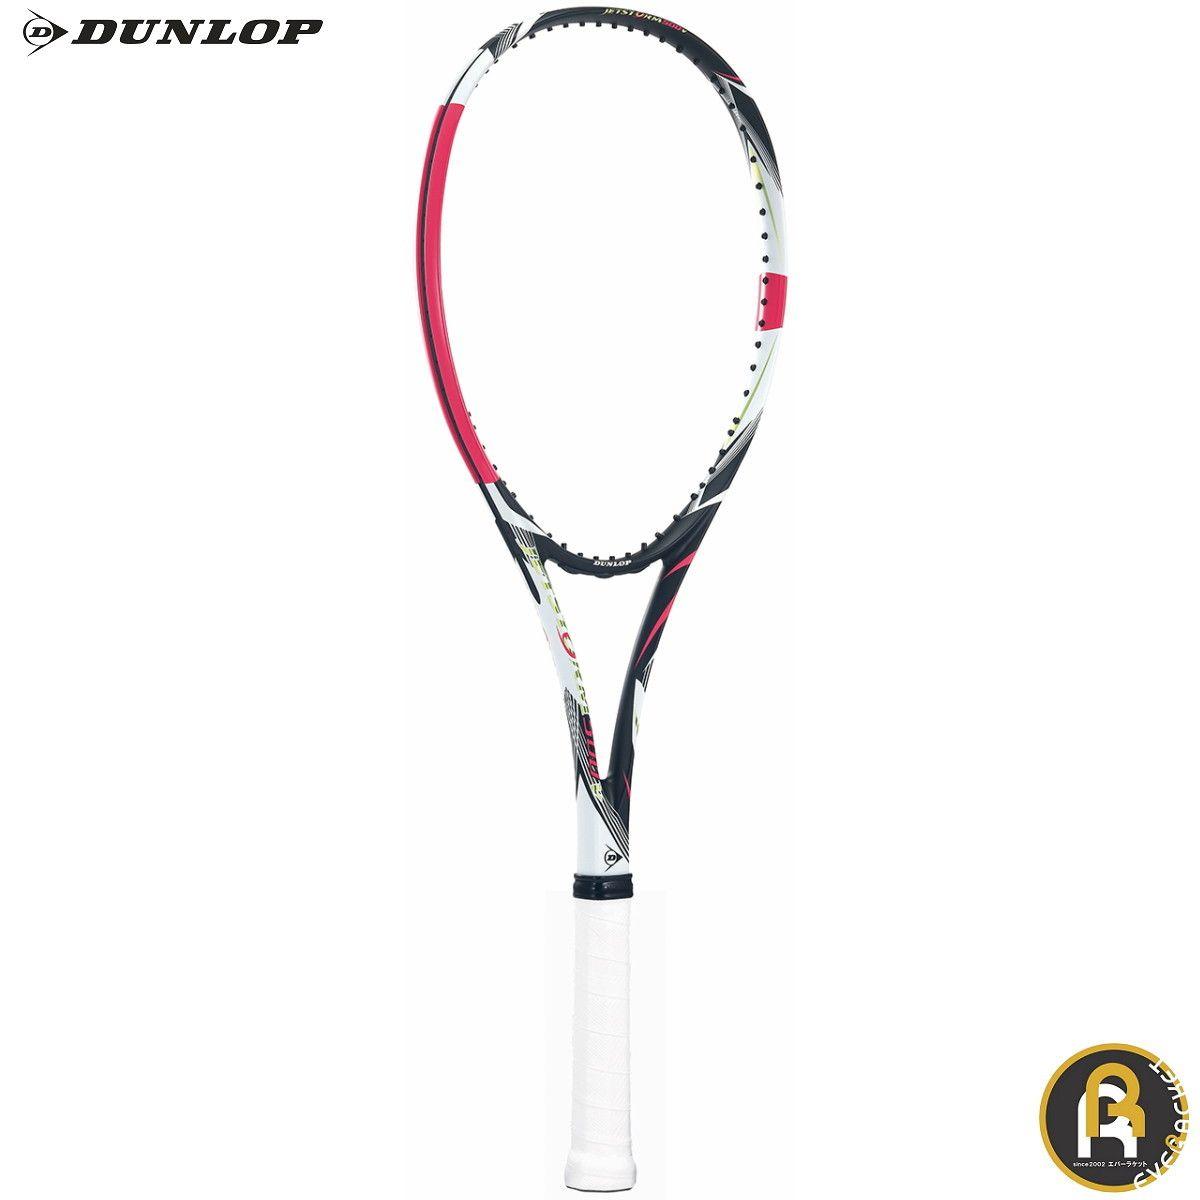 ダンロップ ダンロップスポーツ ソフトテニスラケット 20JETSTORM500V DS42003 DS-42003 ソフトテニス